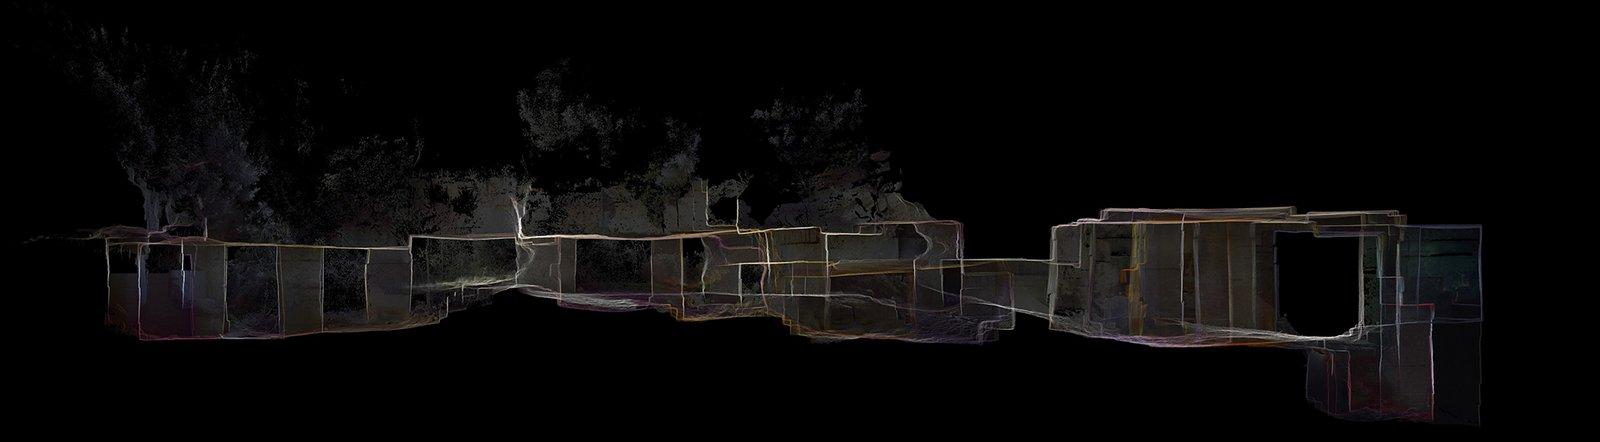 Ca'n Terra laser scan